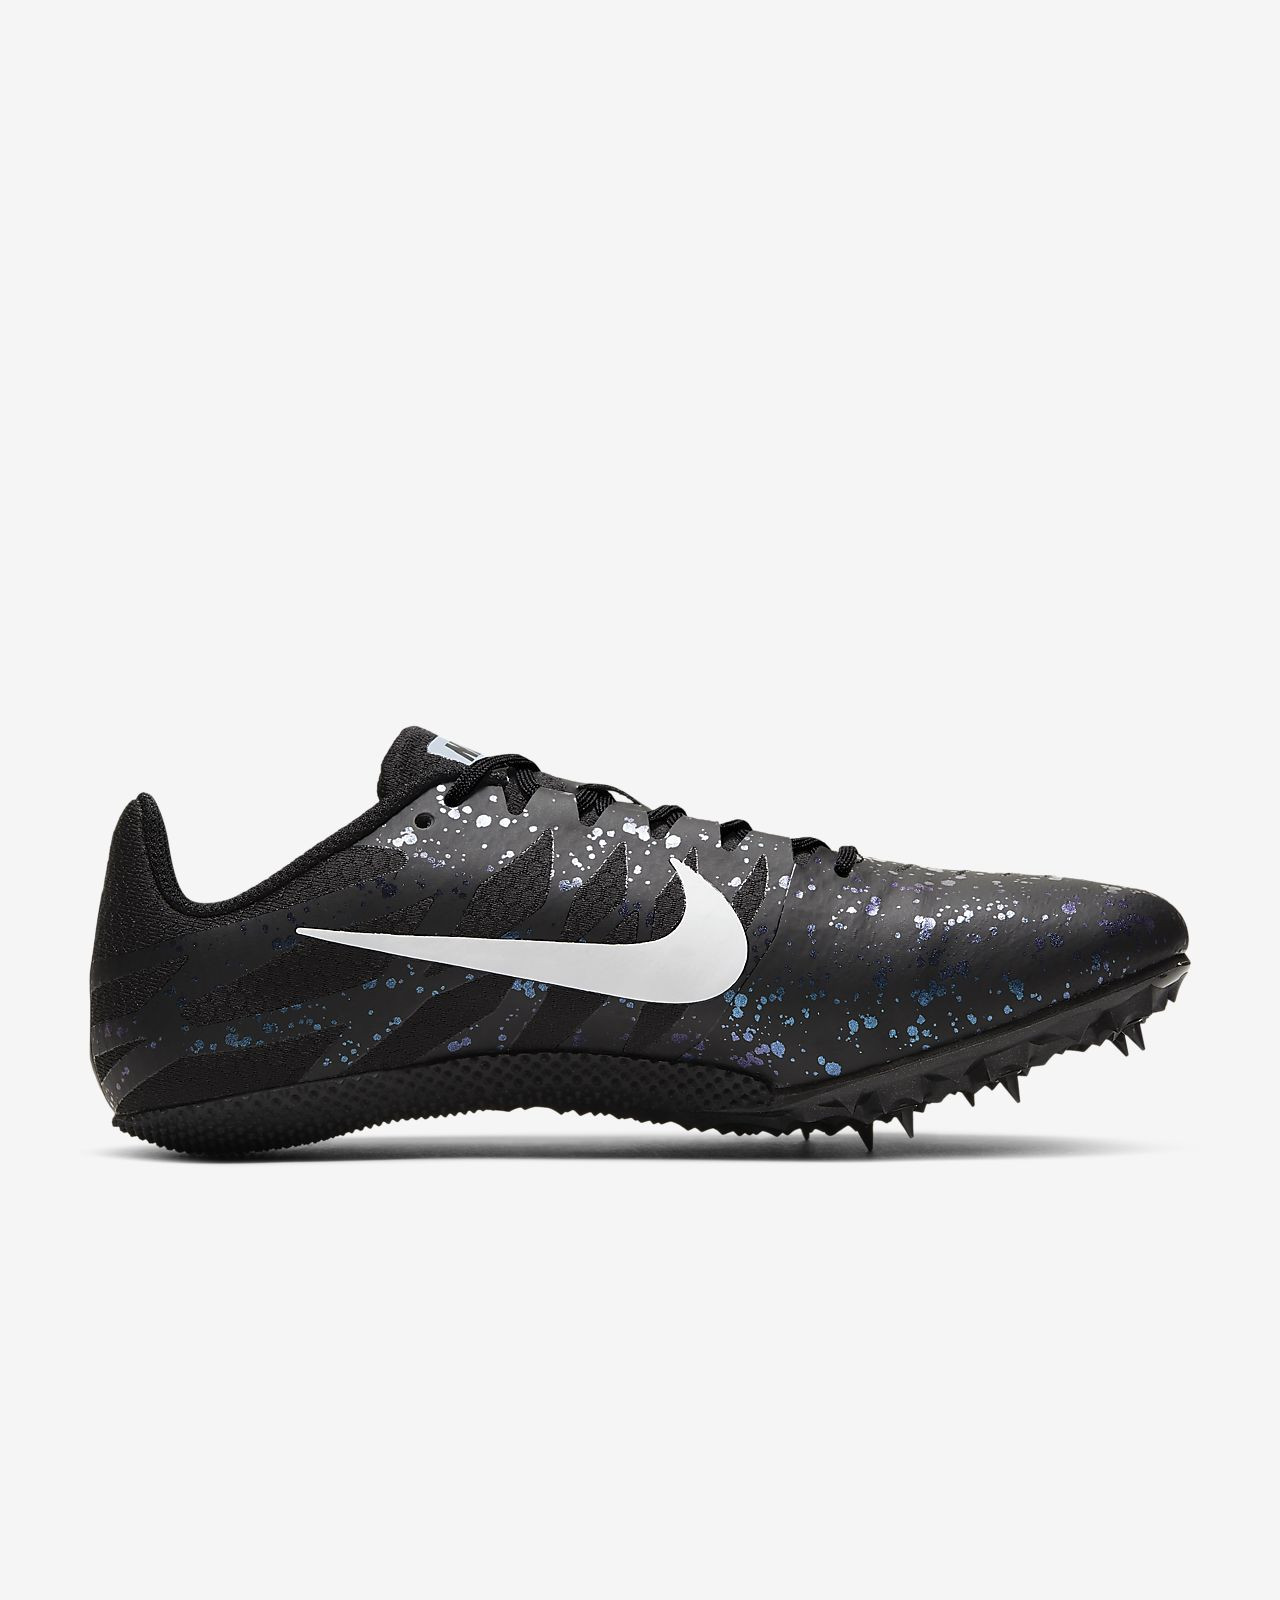 venta al por mayor tienda oficial los mejores precios Nike Zoom Rival S 9 Unisex Track Spike